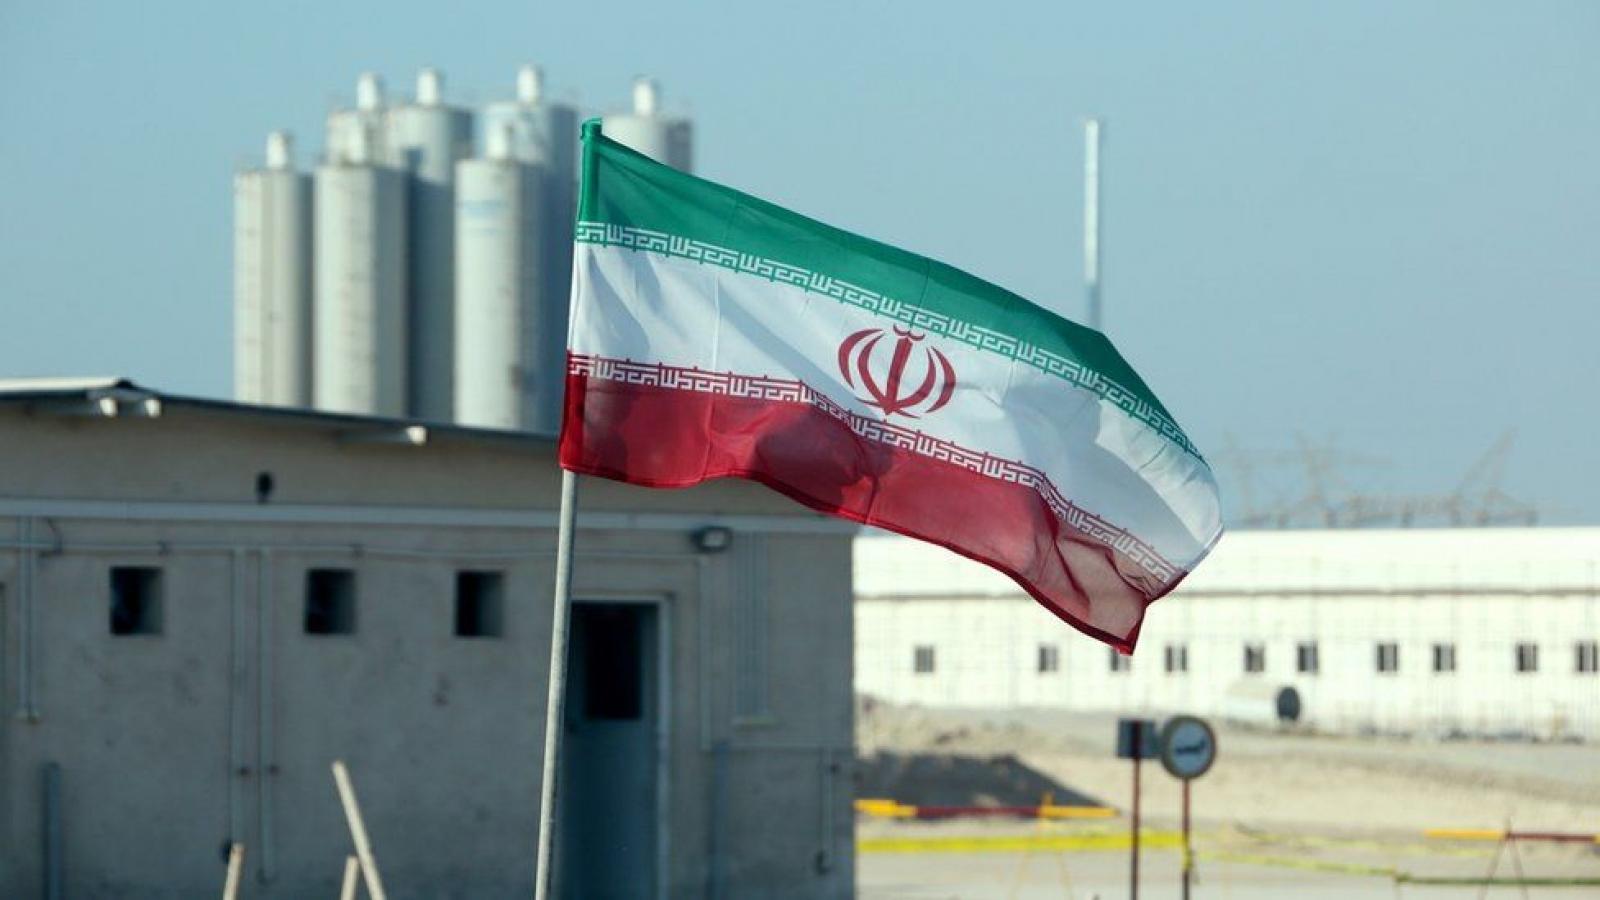 Dự trữ urani làm giàu của Iran cao gấp 16 lần giới hạn quy định trong thỏa thuận hạt nhân